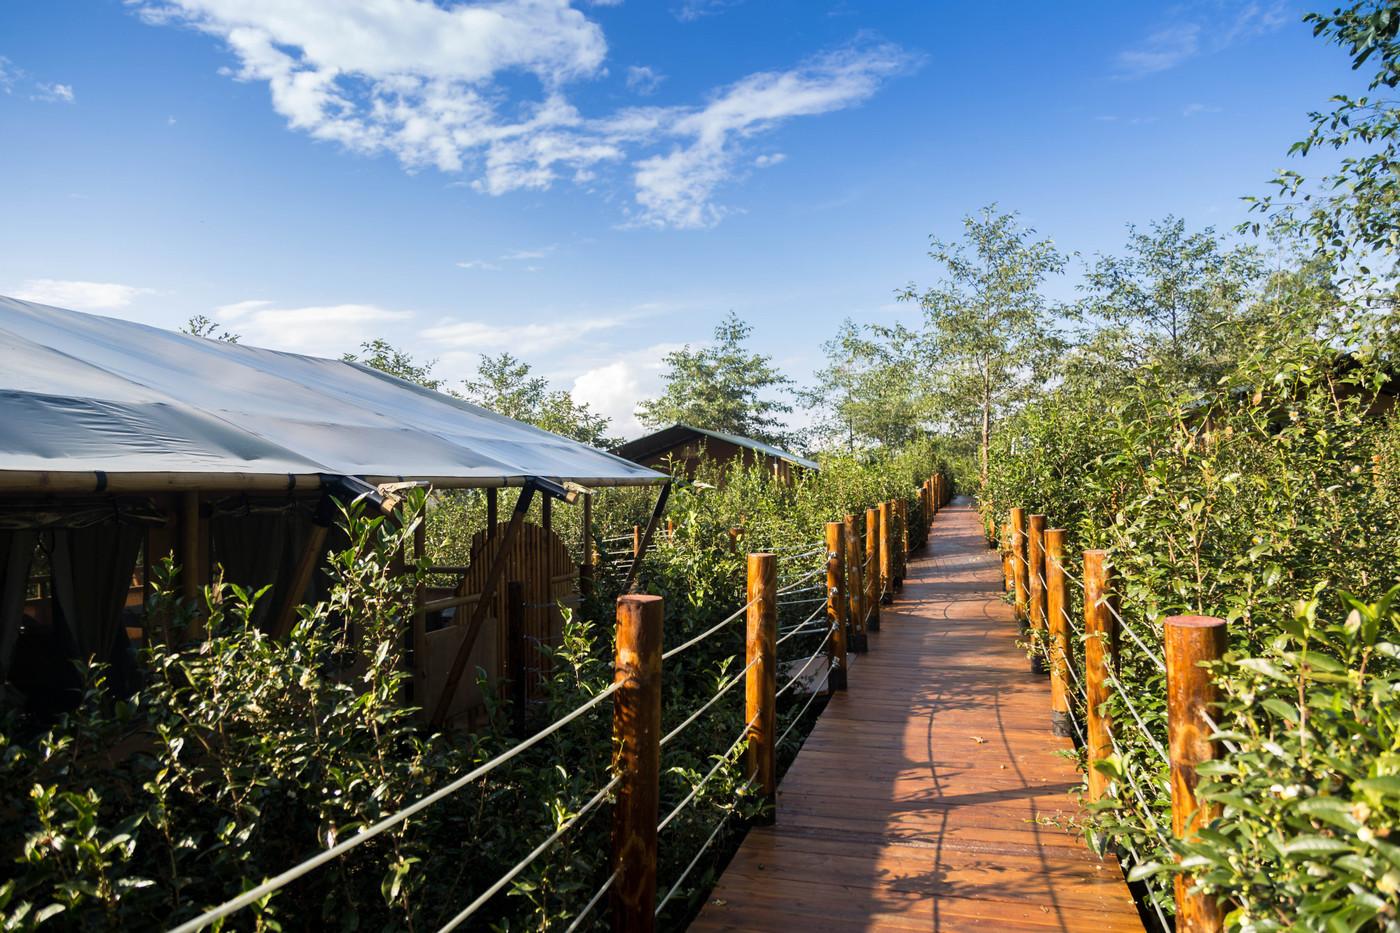 喜马拉雅野奢帐篷酒店—云南腾冲高黎贡山茶博园12